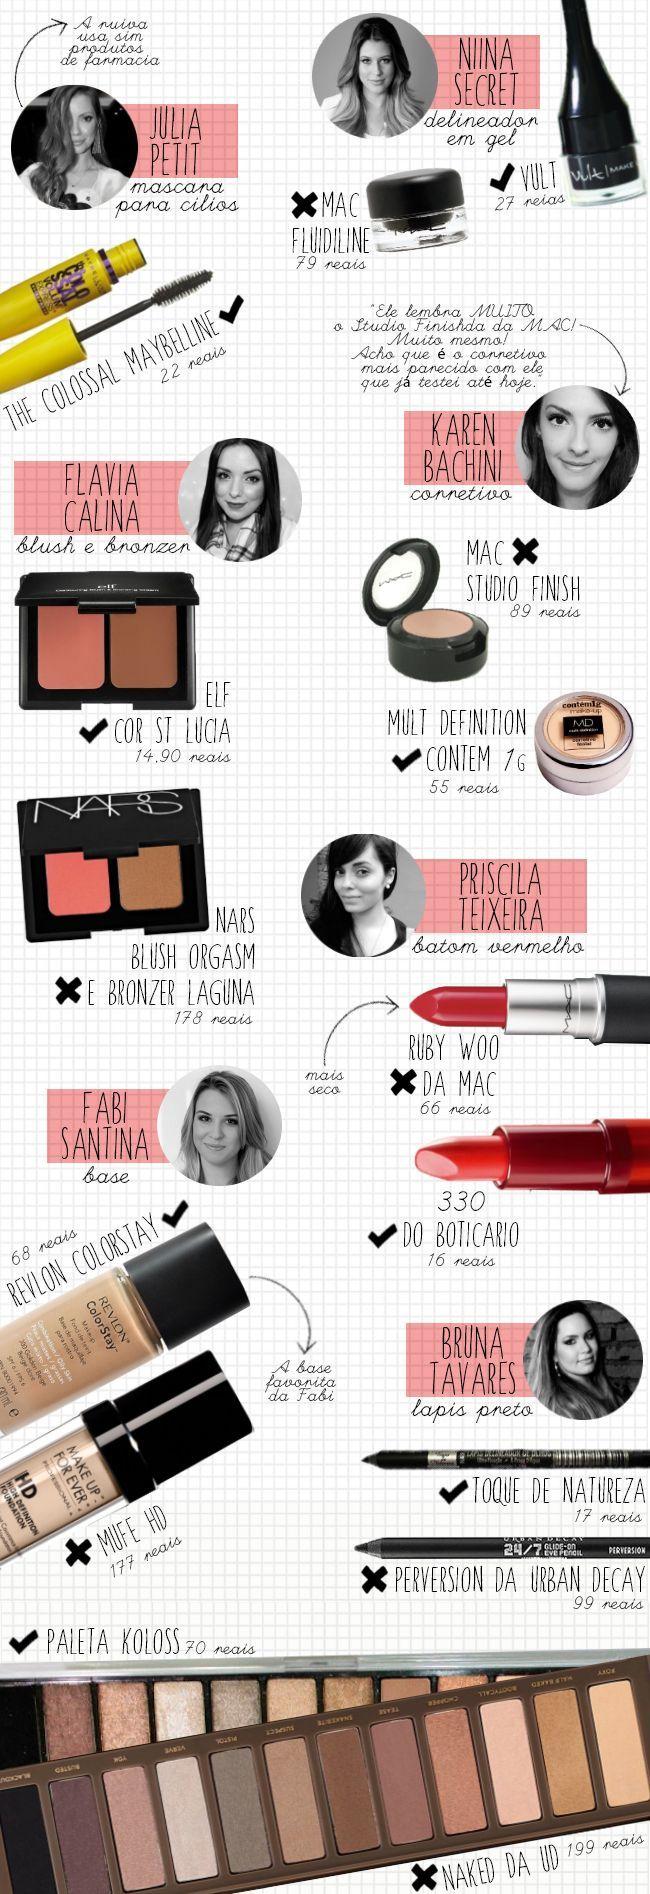 .: Kit de maquiagem: produtos baratinhos indicados pelas blogueiras!